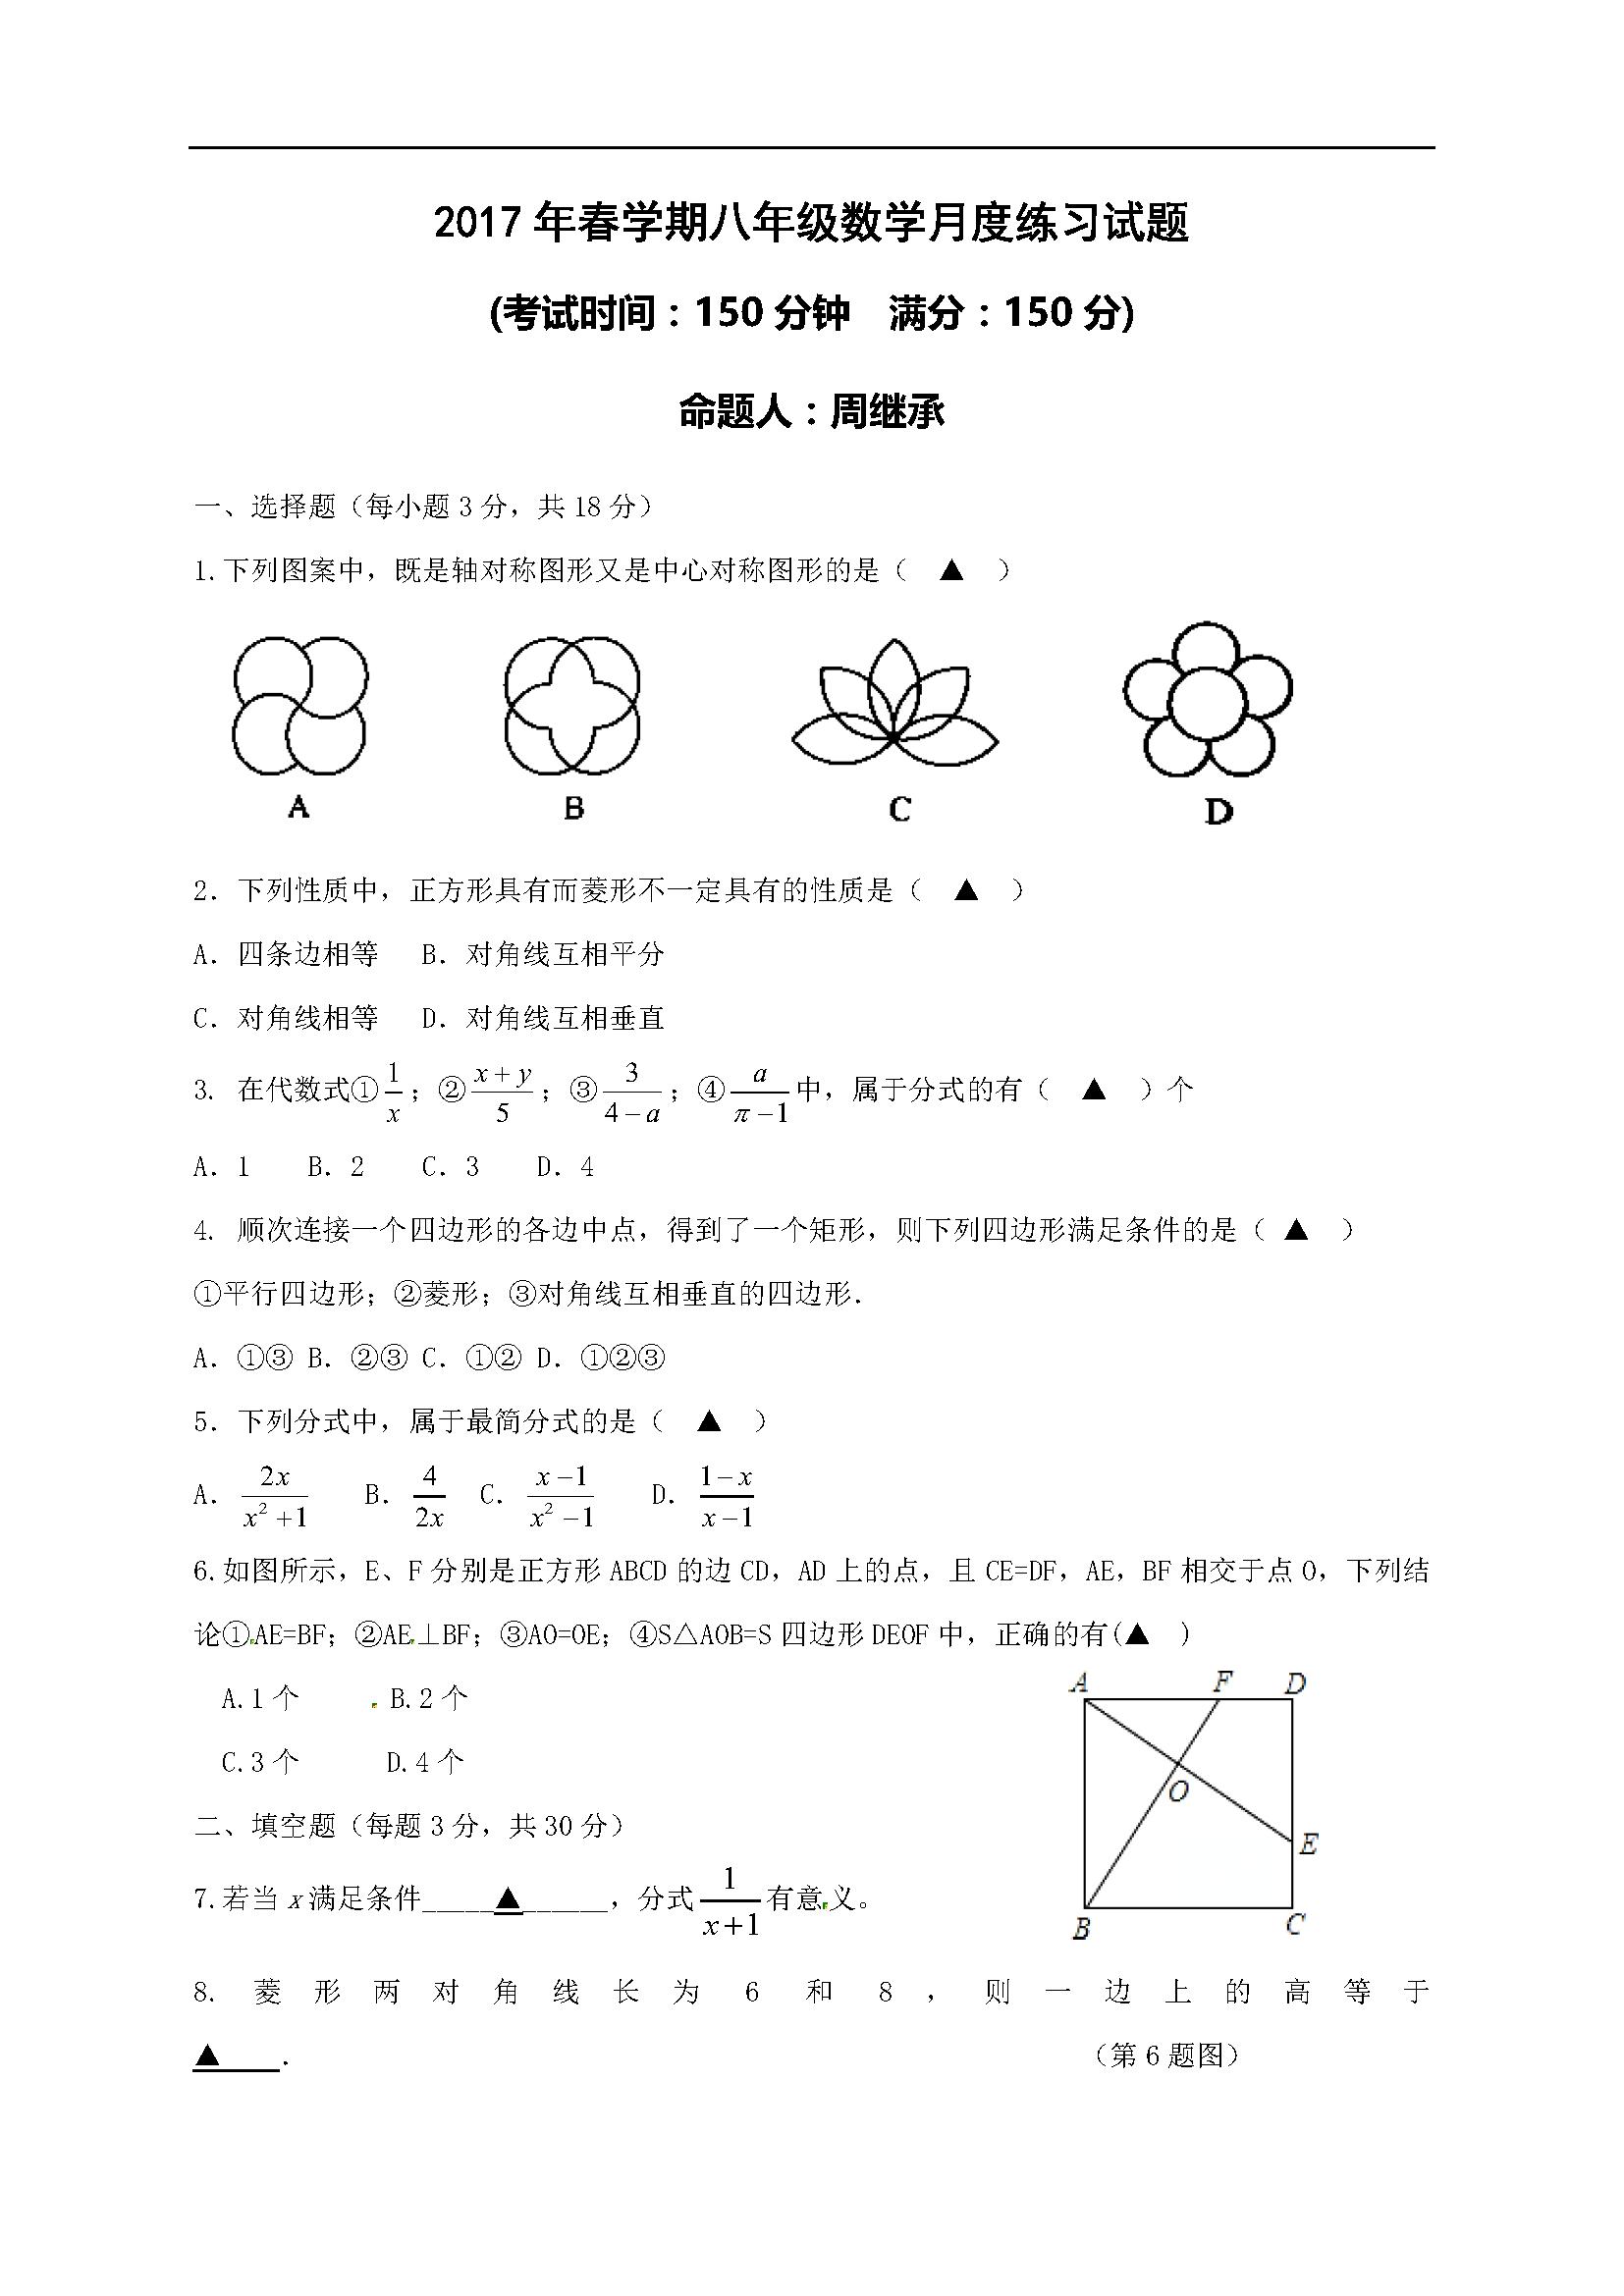 2017江苏泰州中学附属初级中学八年级下第一次月考数学试题(图片版)